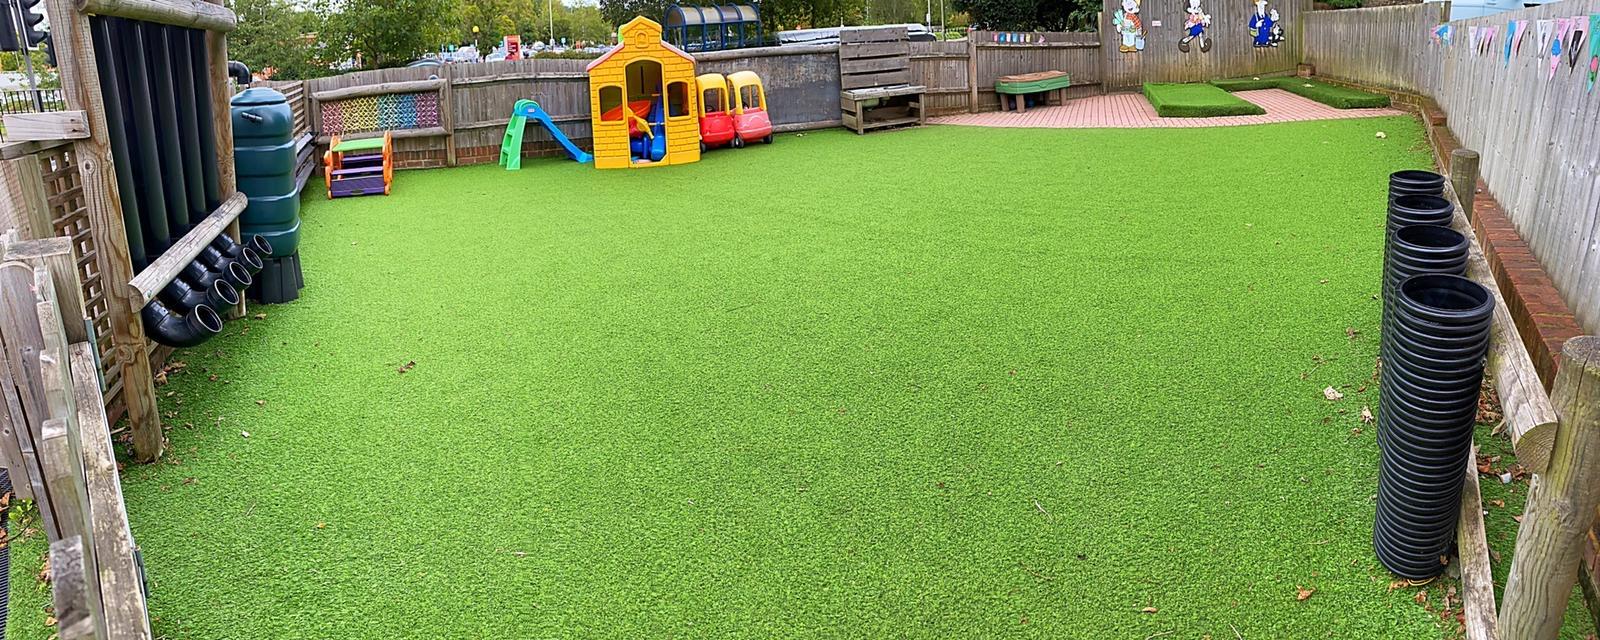 apsley nursery garden